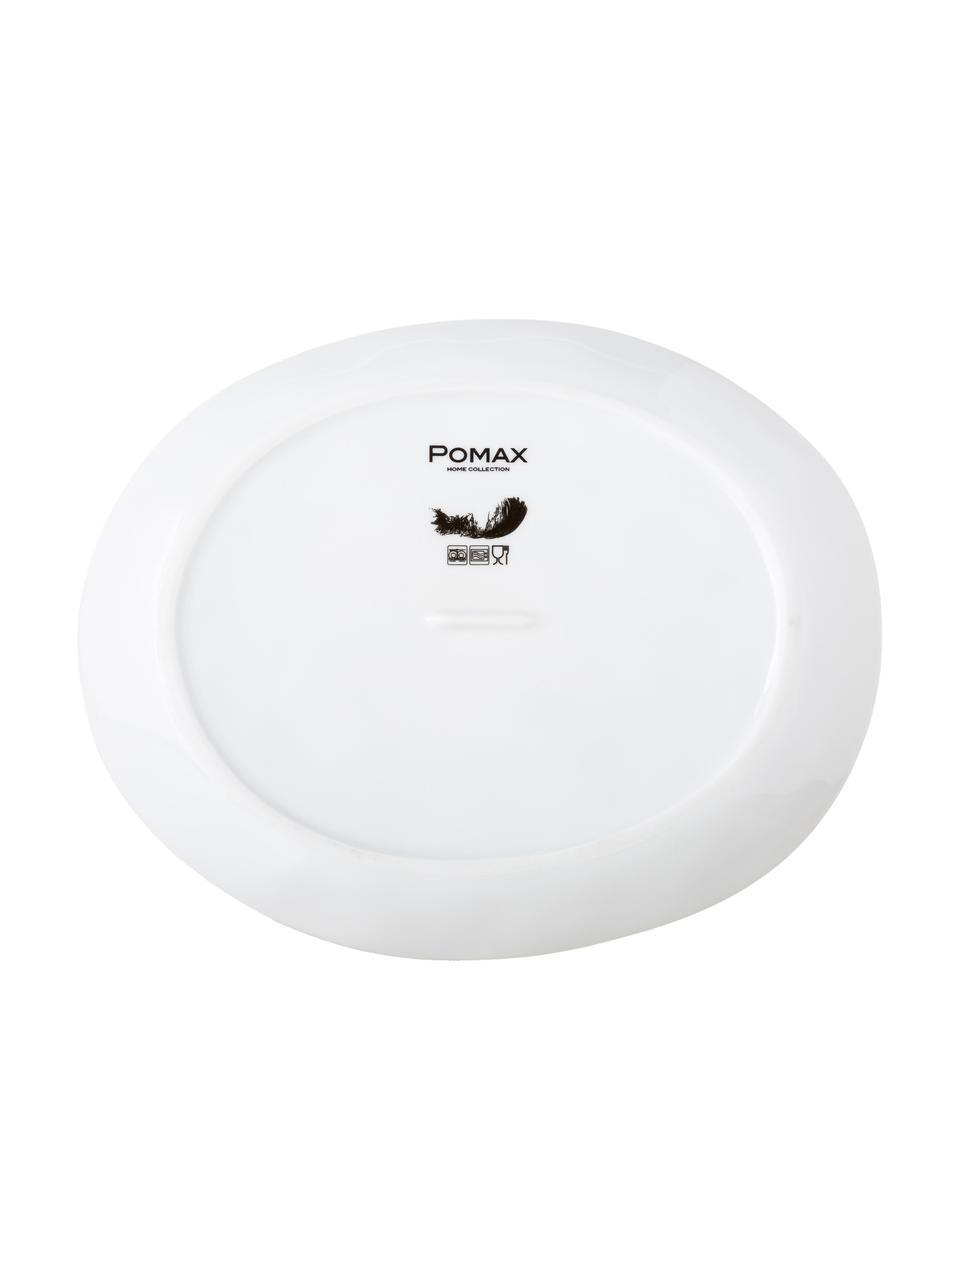 Owalny talerz śniadaniowy Porcelino, 4 szt., Porcelana o celowo nierównym kształcie, Biały, D 23 x S 19 cm